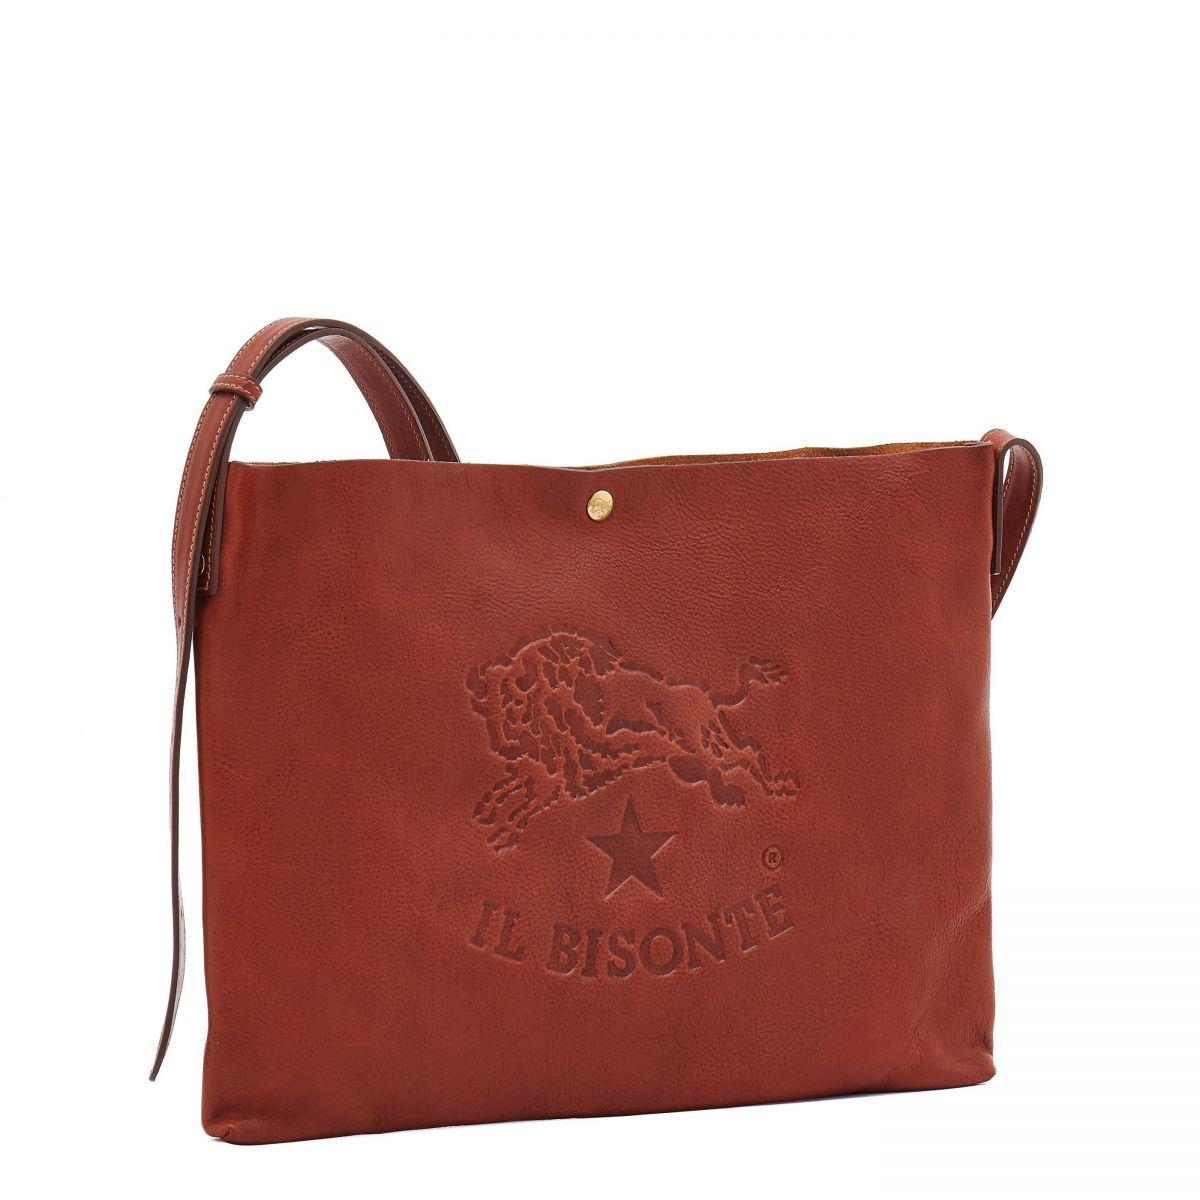 Men's Shoulder Bag in Vintage Cowhide Leather BSH042 color Dark Brown Seppia | Details